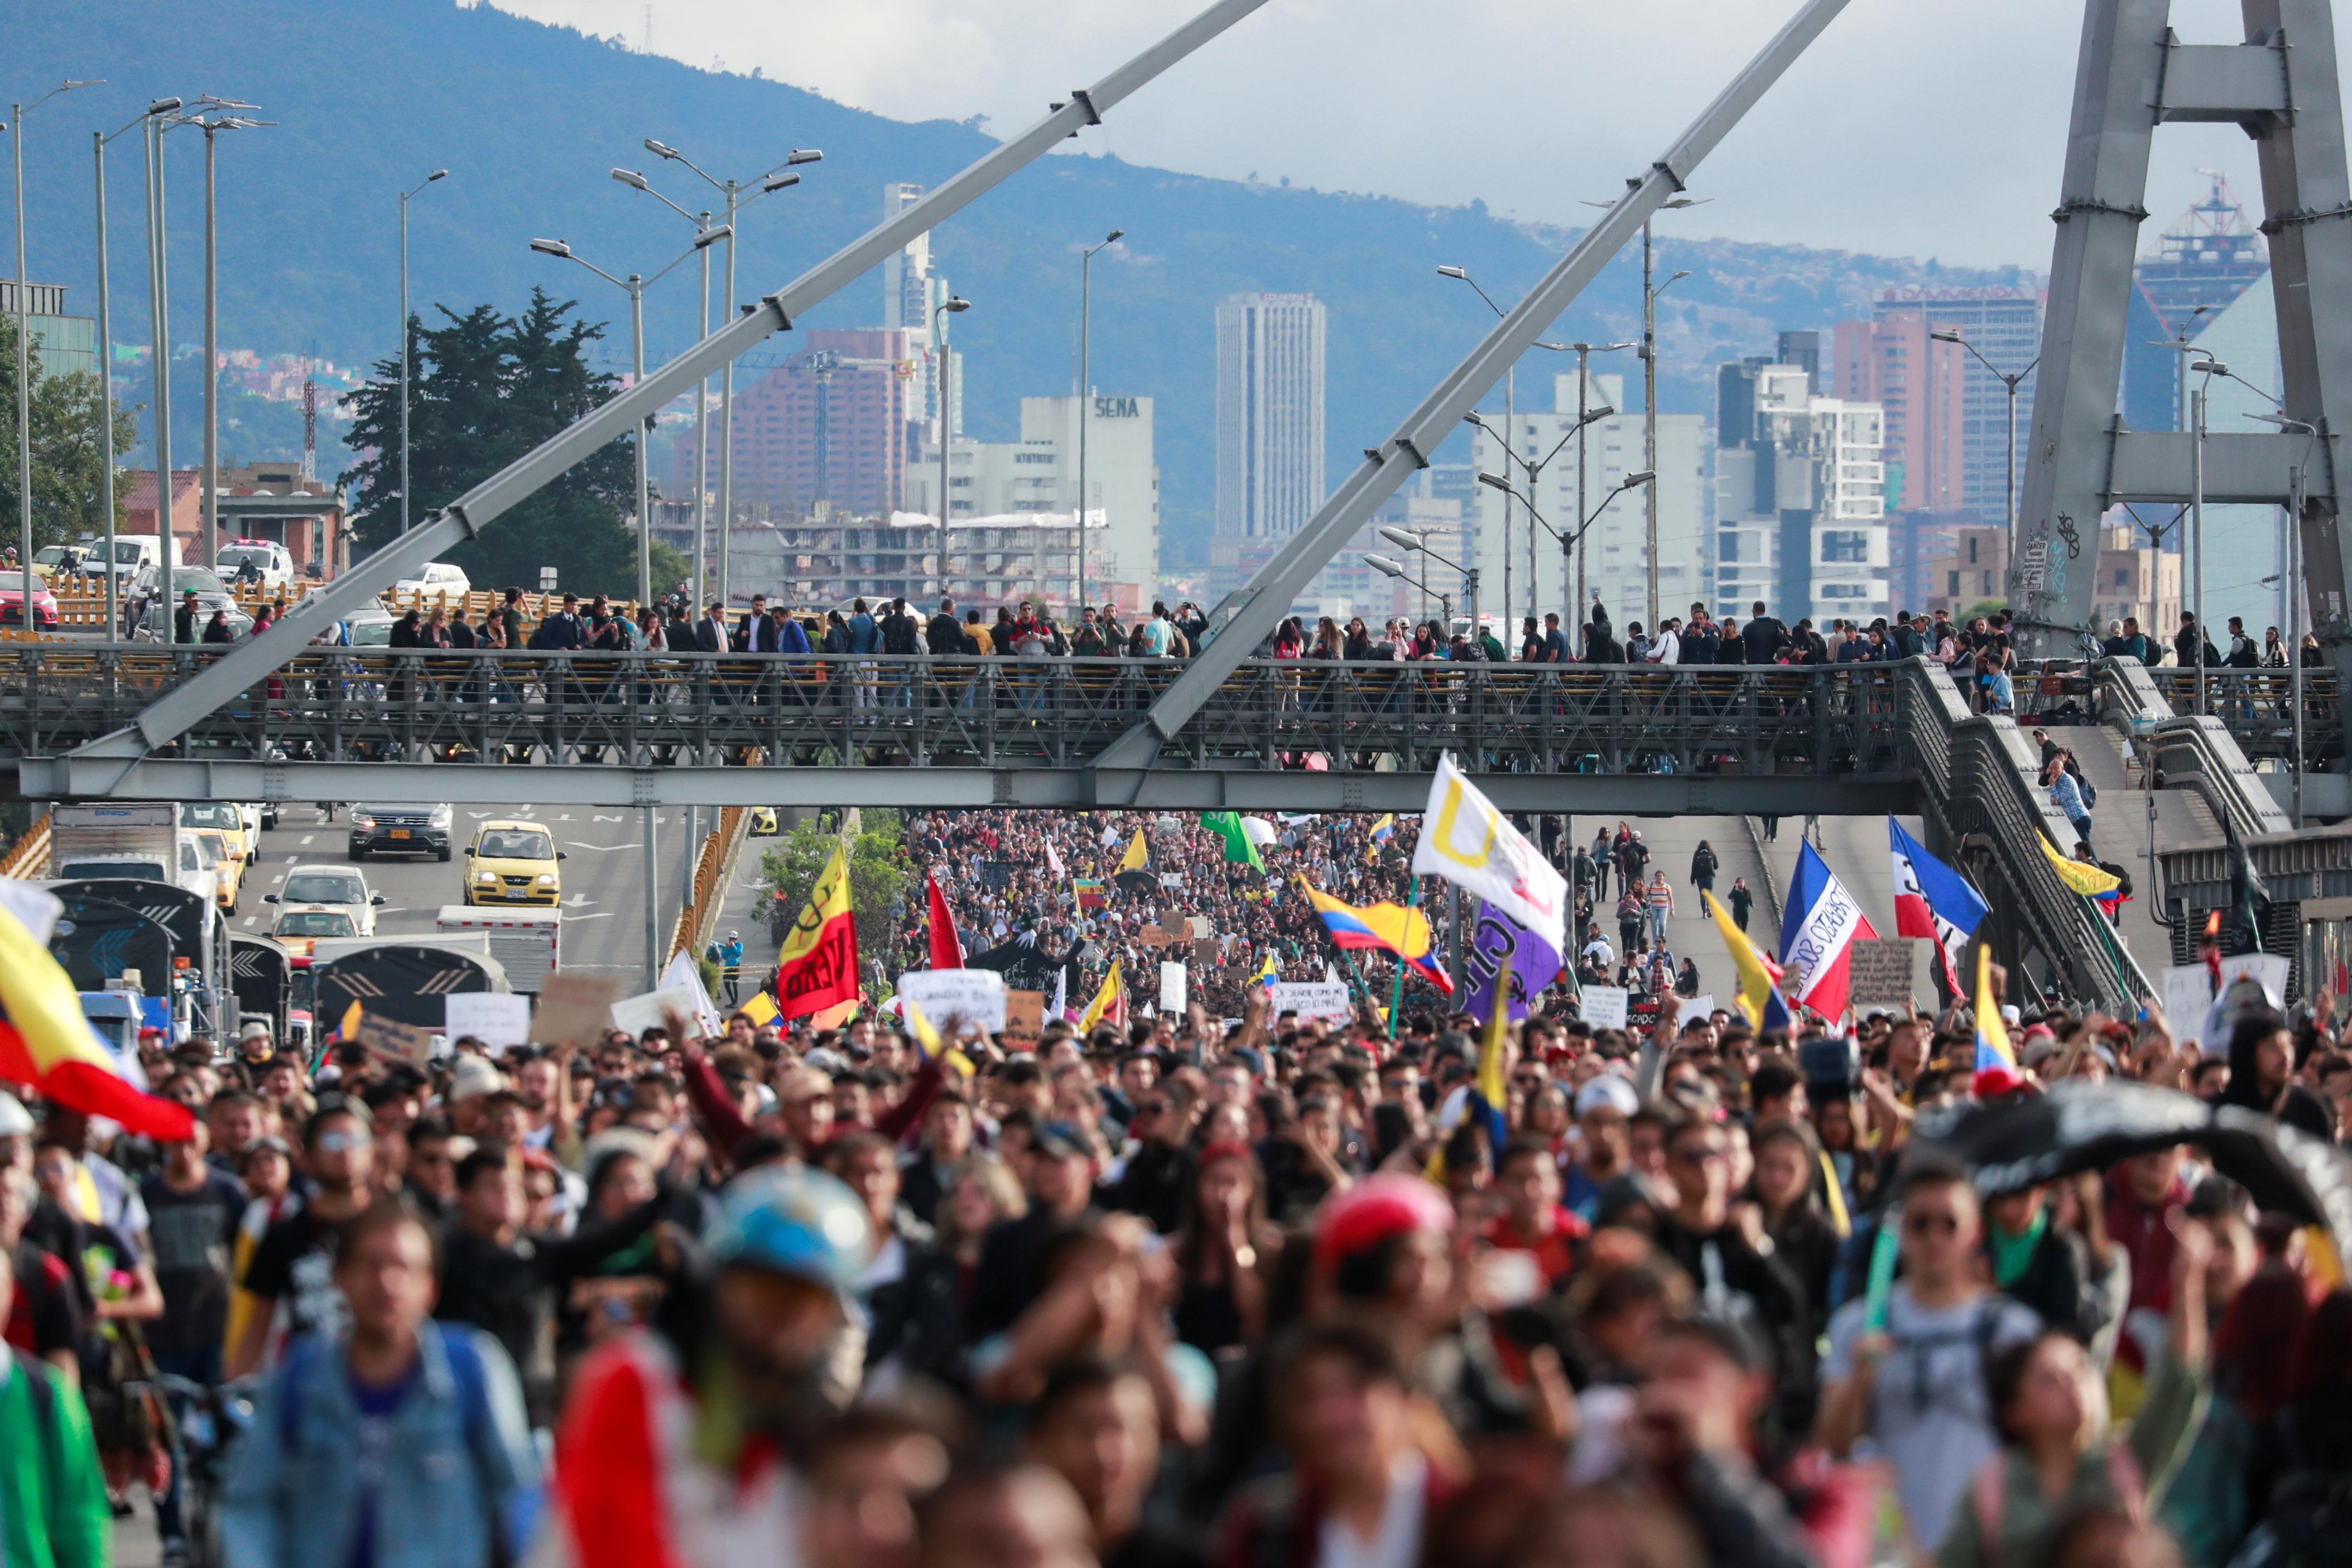 Κολομβία: Χιλιάδες ξανά στους δρόμους! «Όχι άλλη διαφθορά»